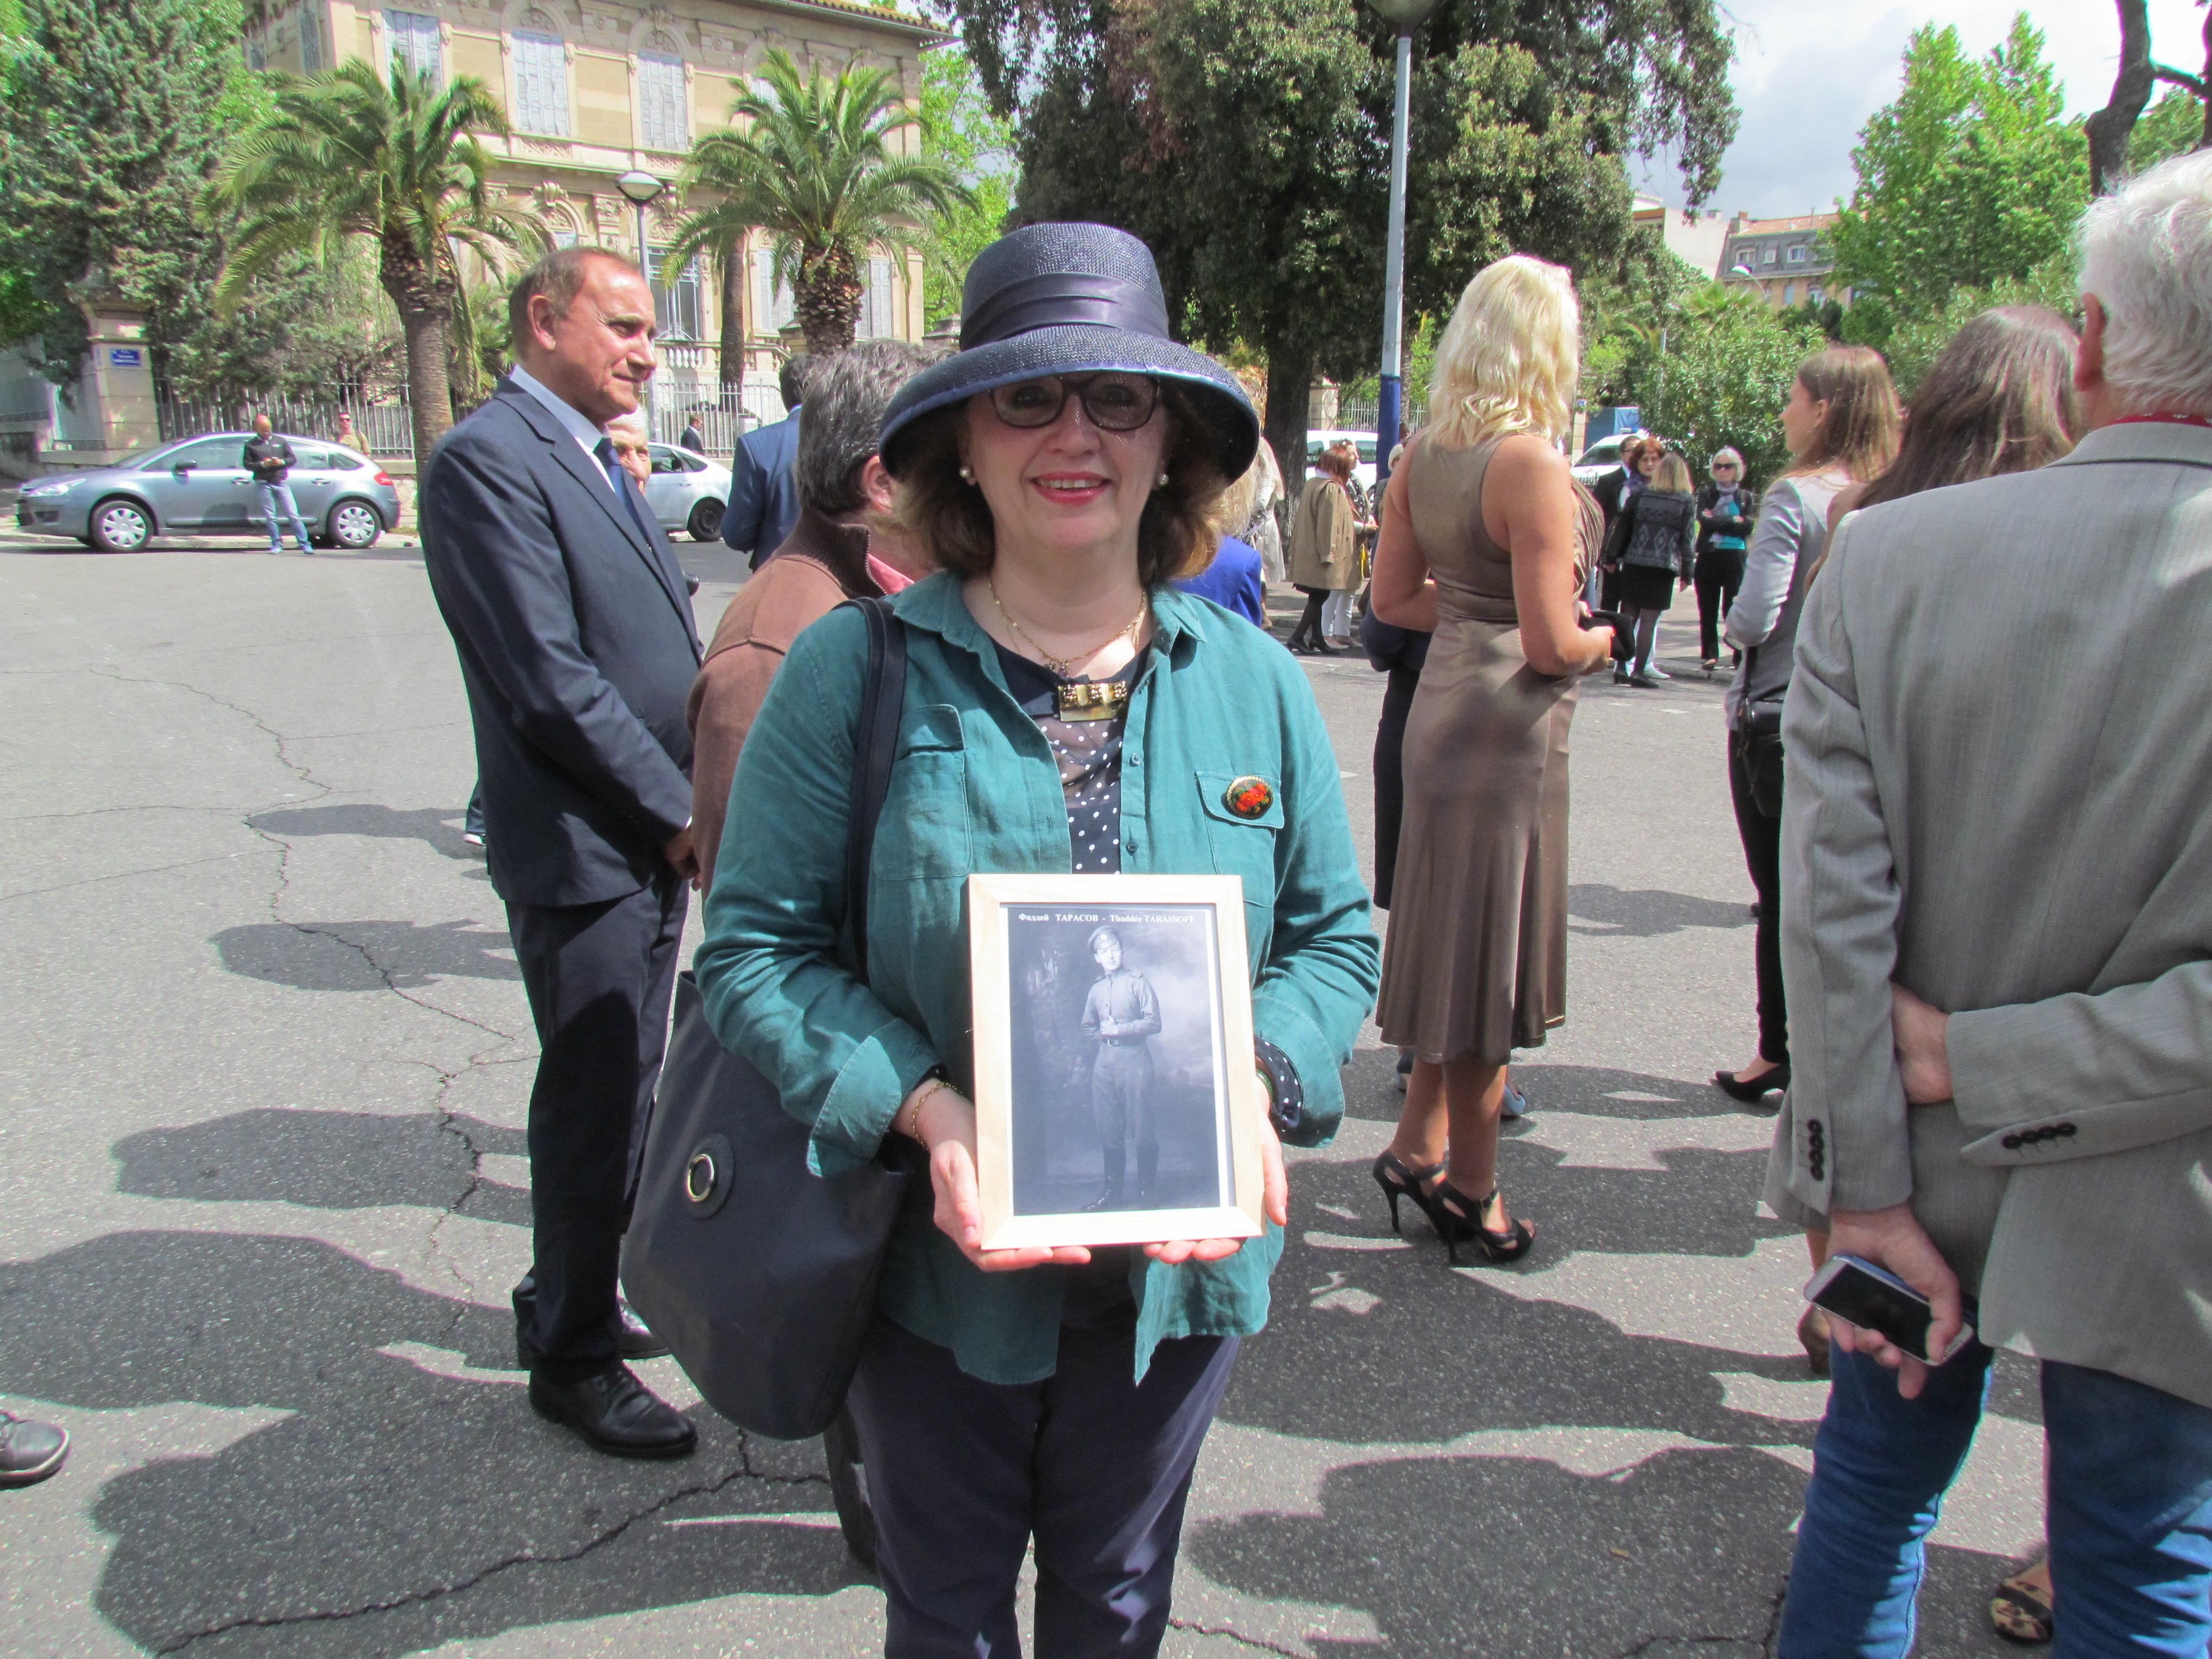 La petite-fille d'un membre de la 1 brigade de l'infanterie du Corps expéditionnaire russe avec la photo de son grand-père.